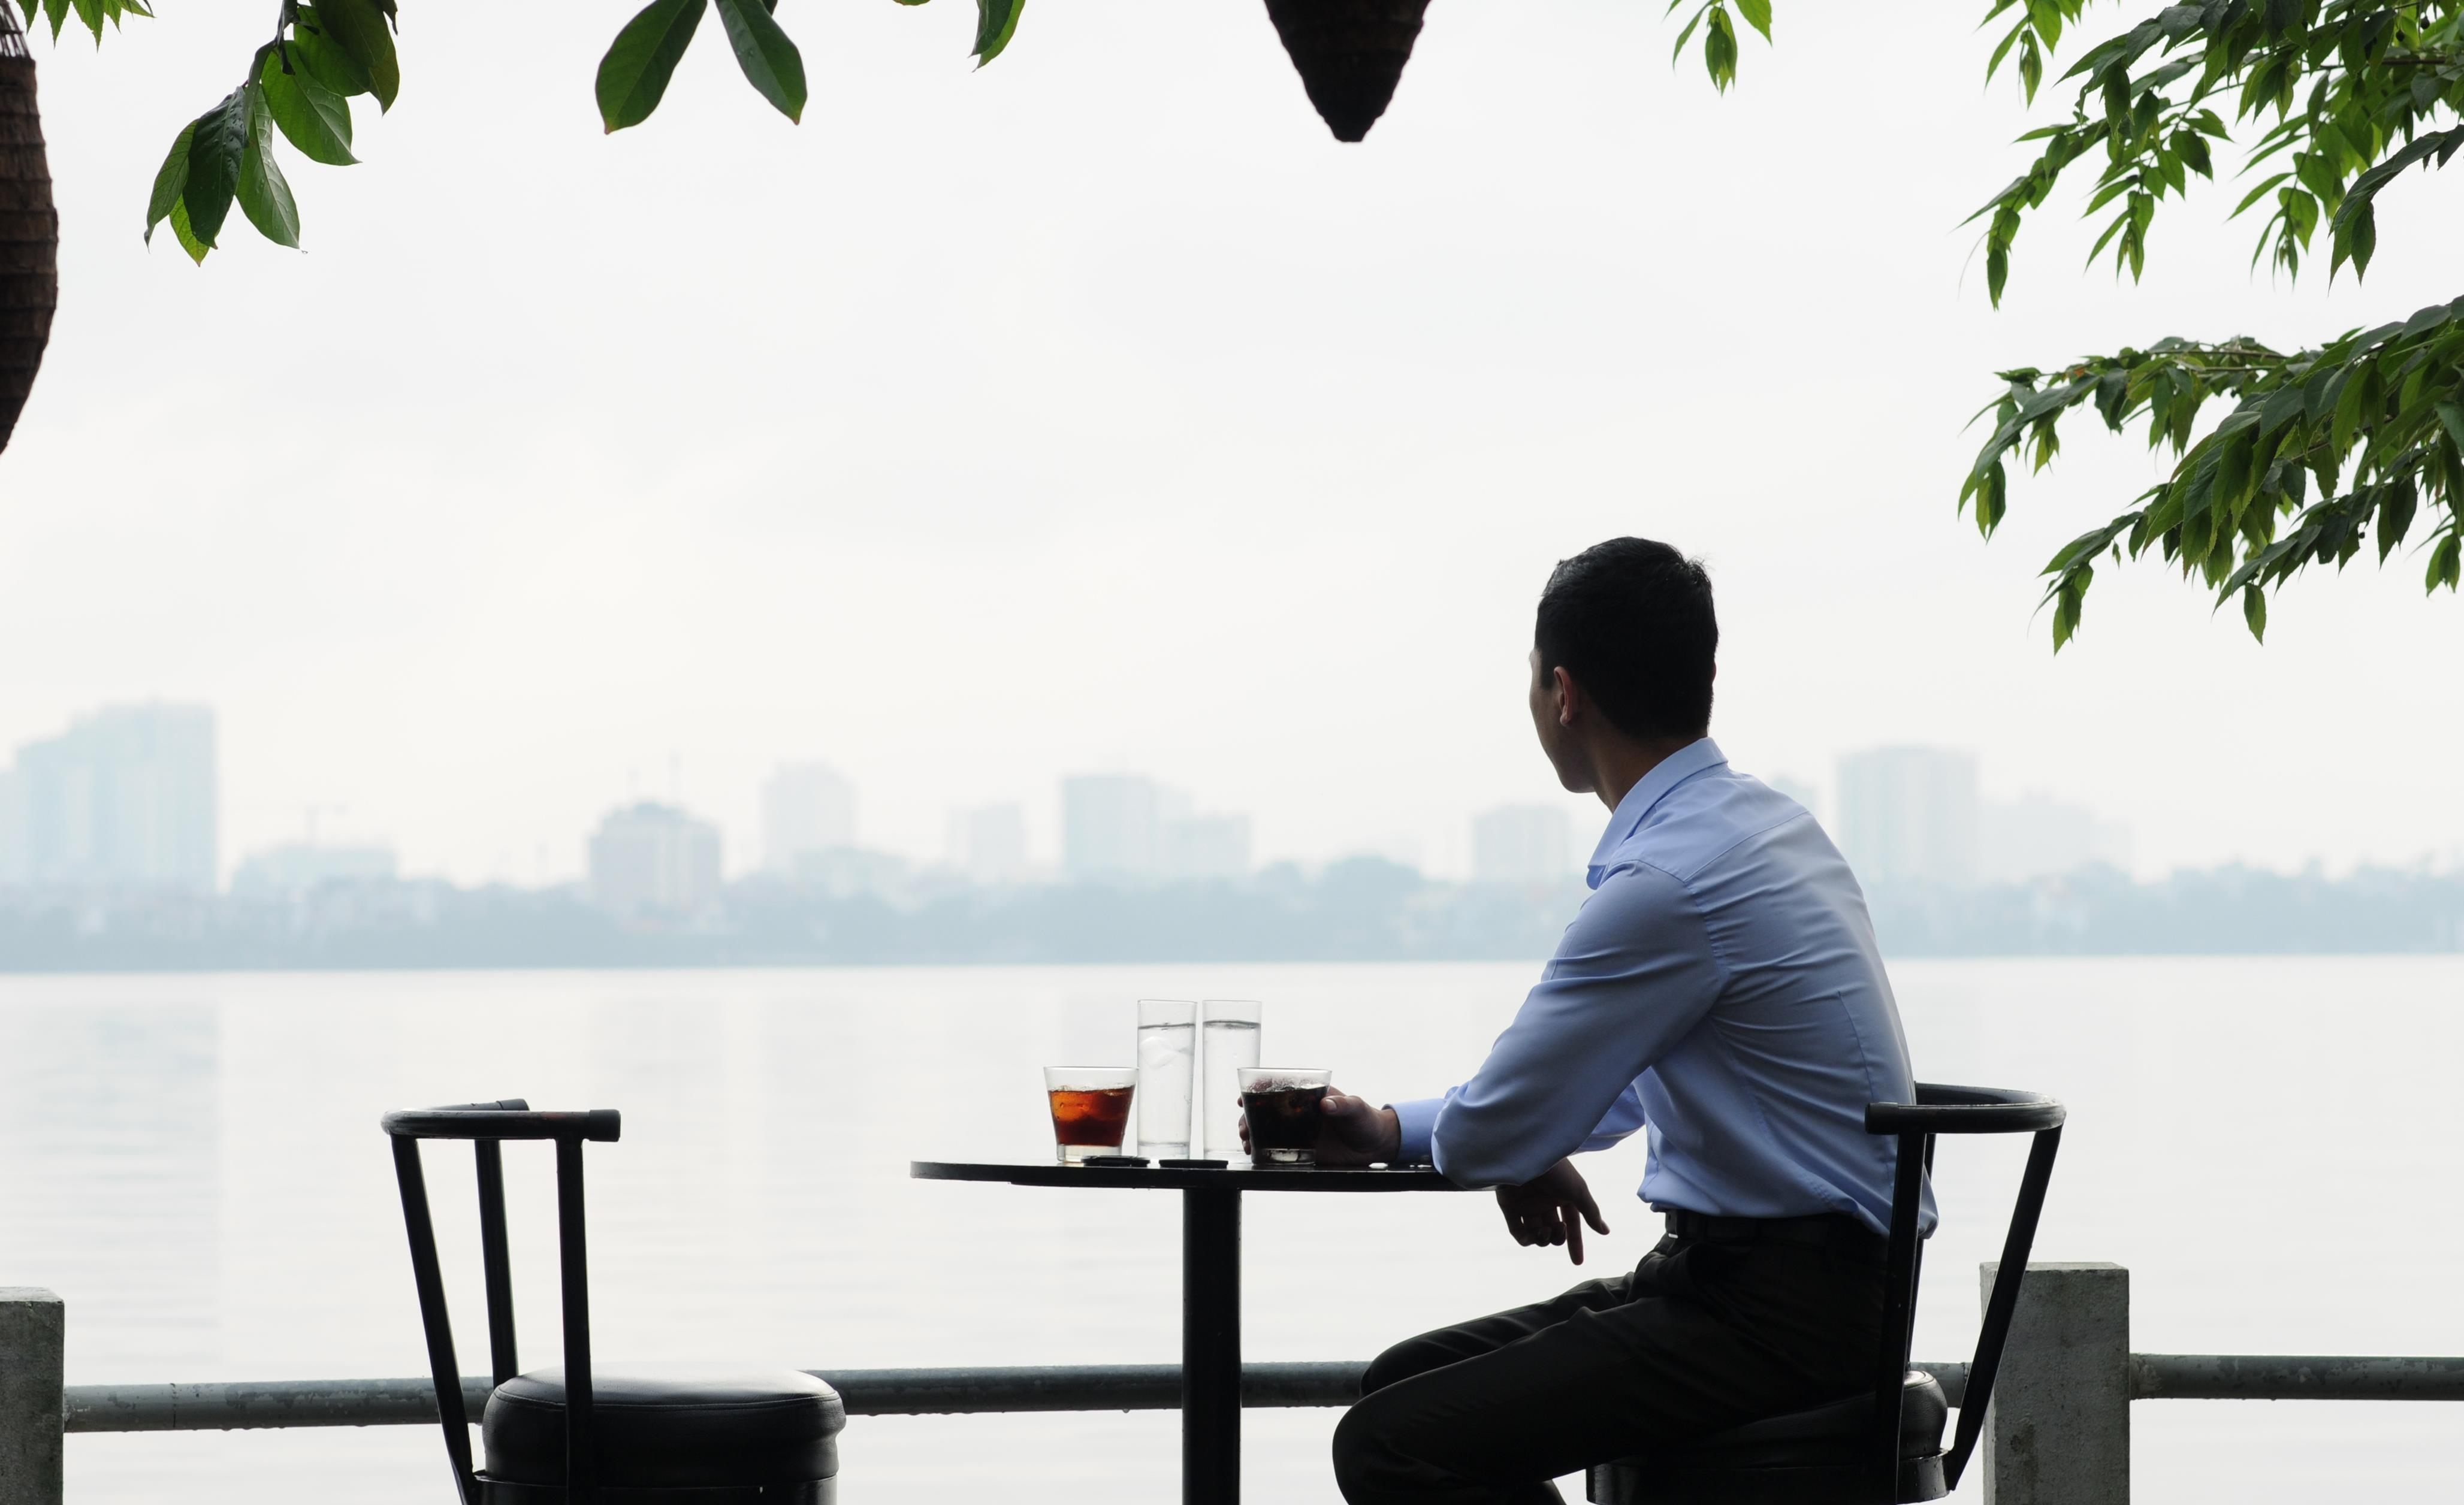 Ho Tay tho mong trong long Ha Noi hinh anh 23